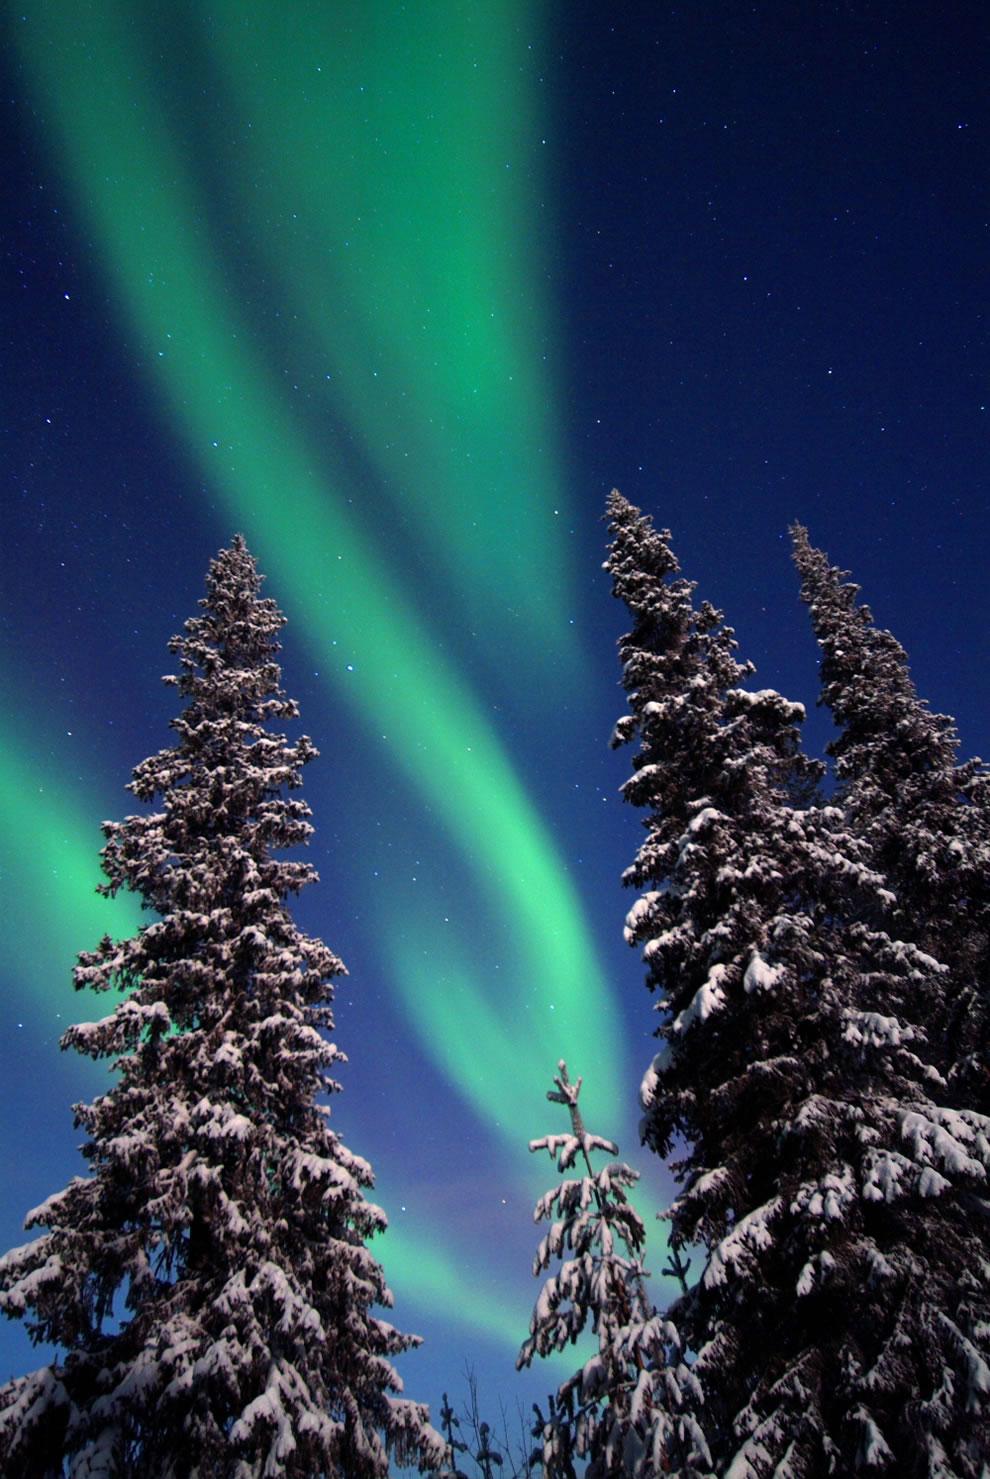 Aurora - Northern lights in Lapland